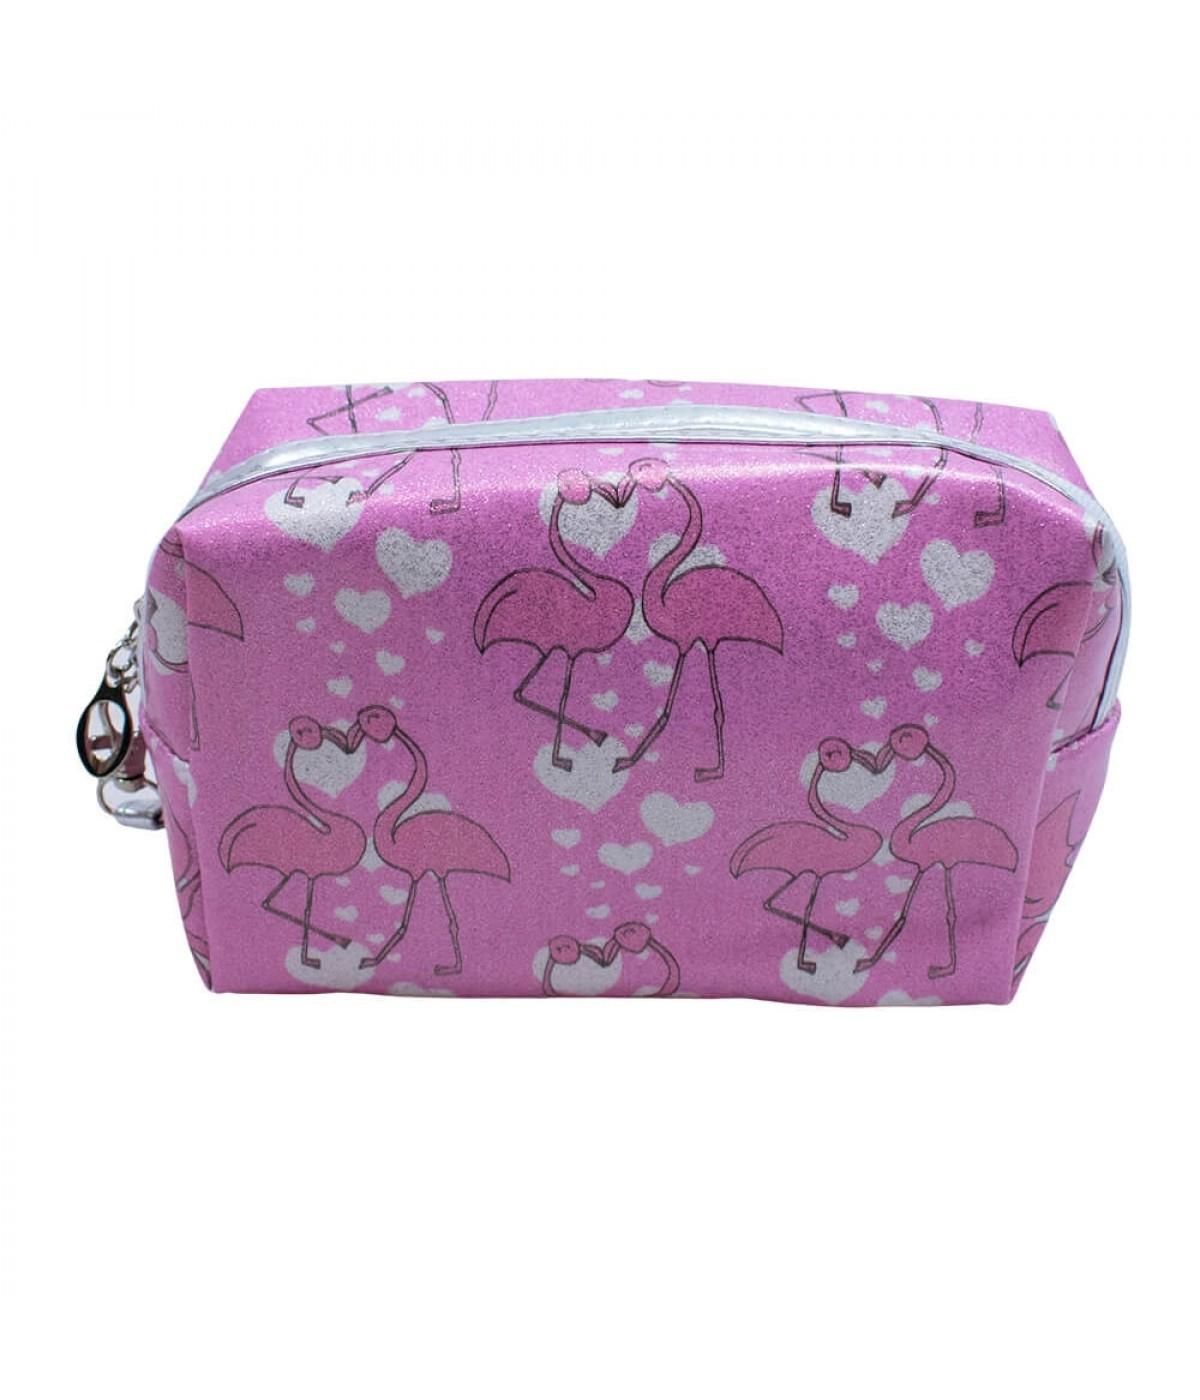 Necessaire Rosa Flamingos 13x8x20cm